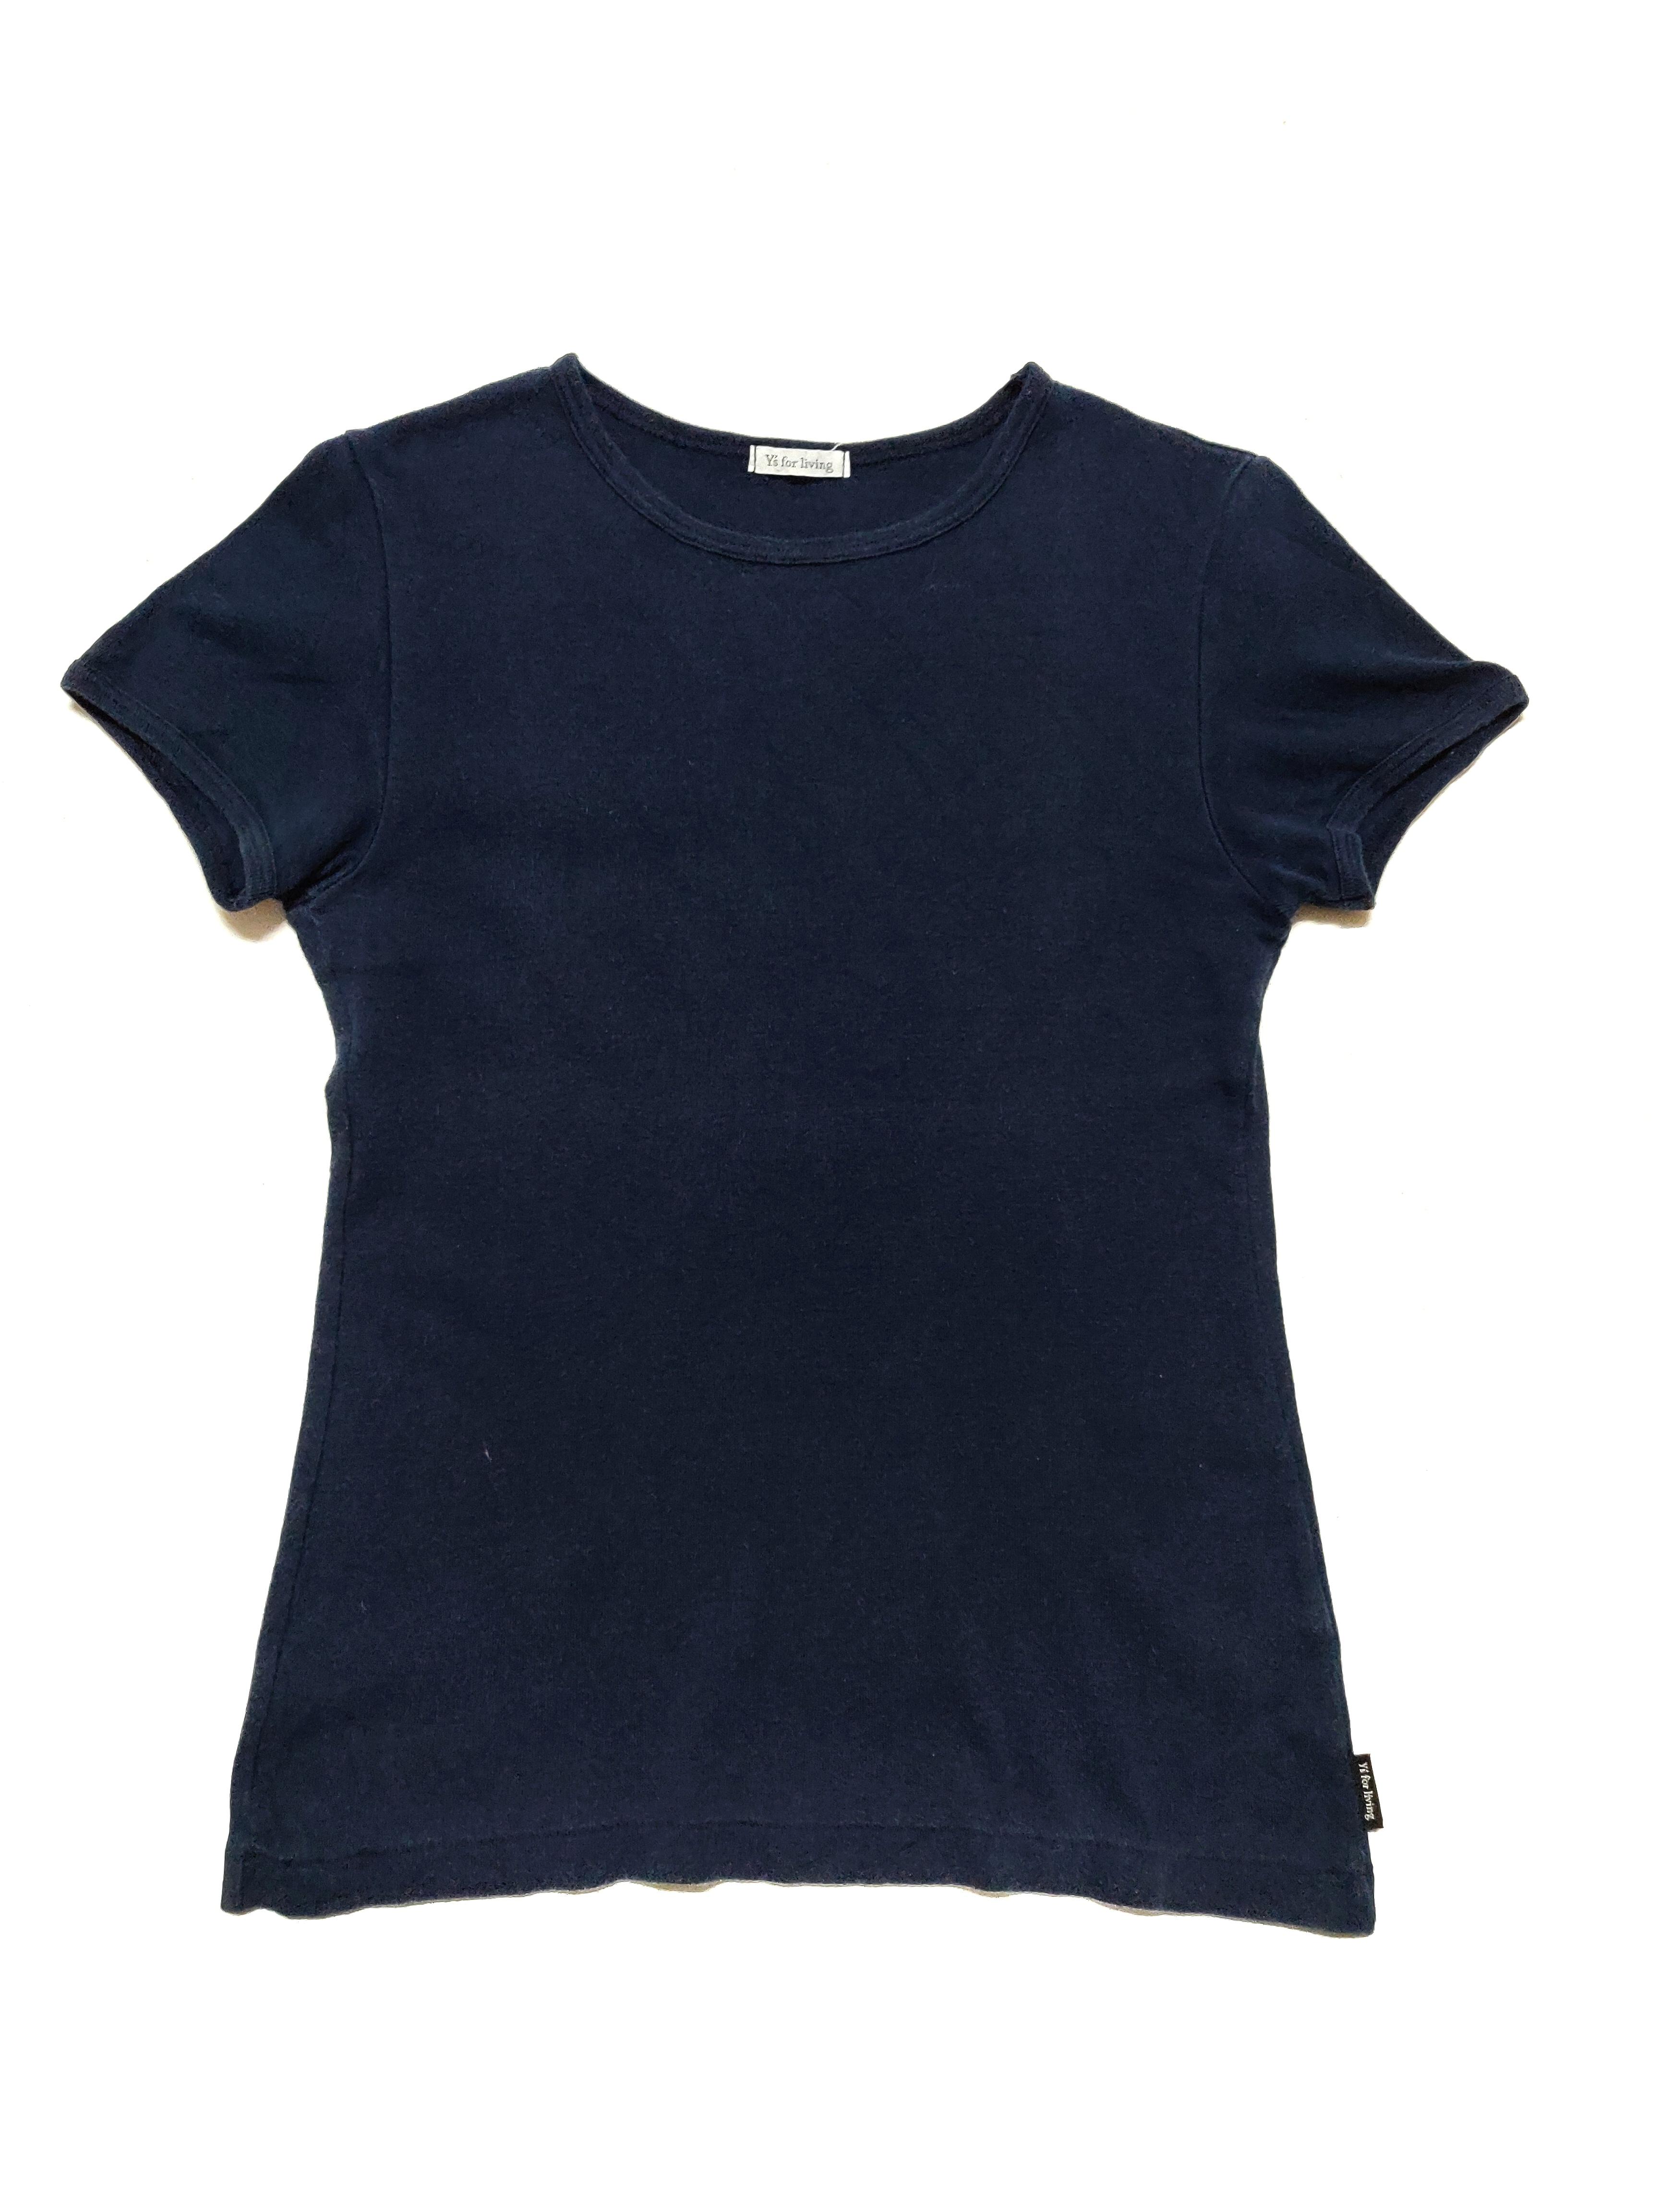 photos officielles qualité-supérieure prix plus bas avec Femme Short Sleeve T-Shirts